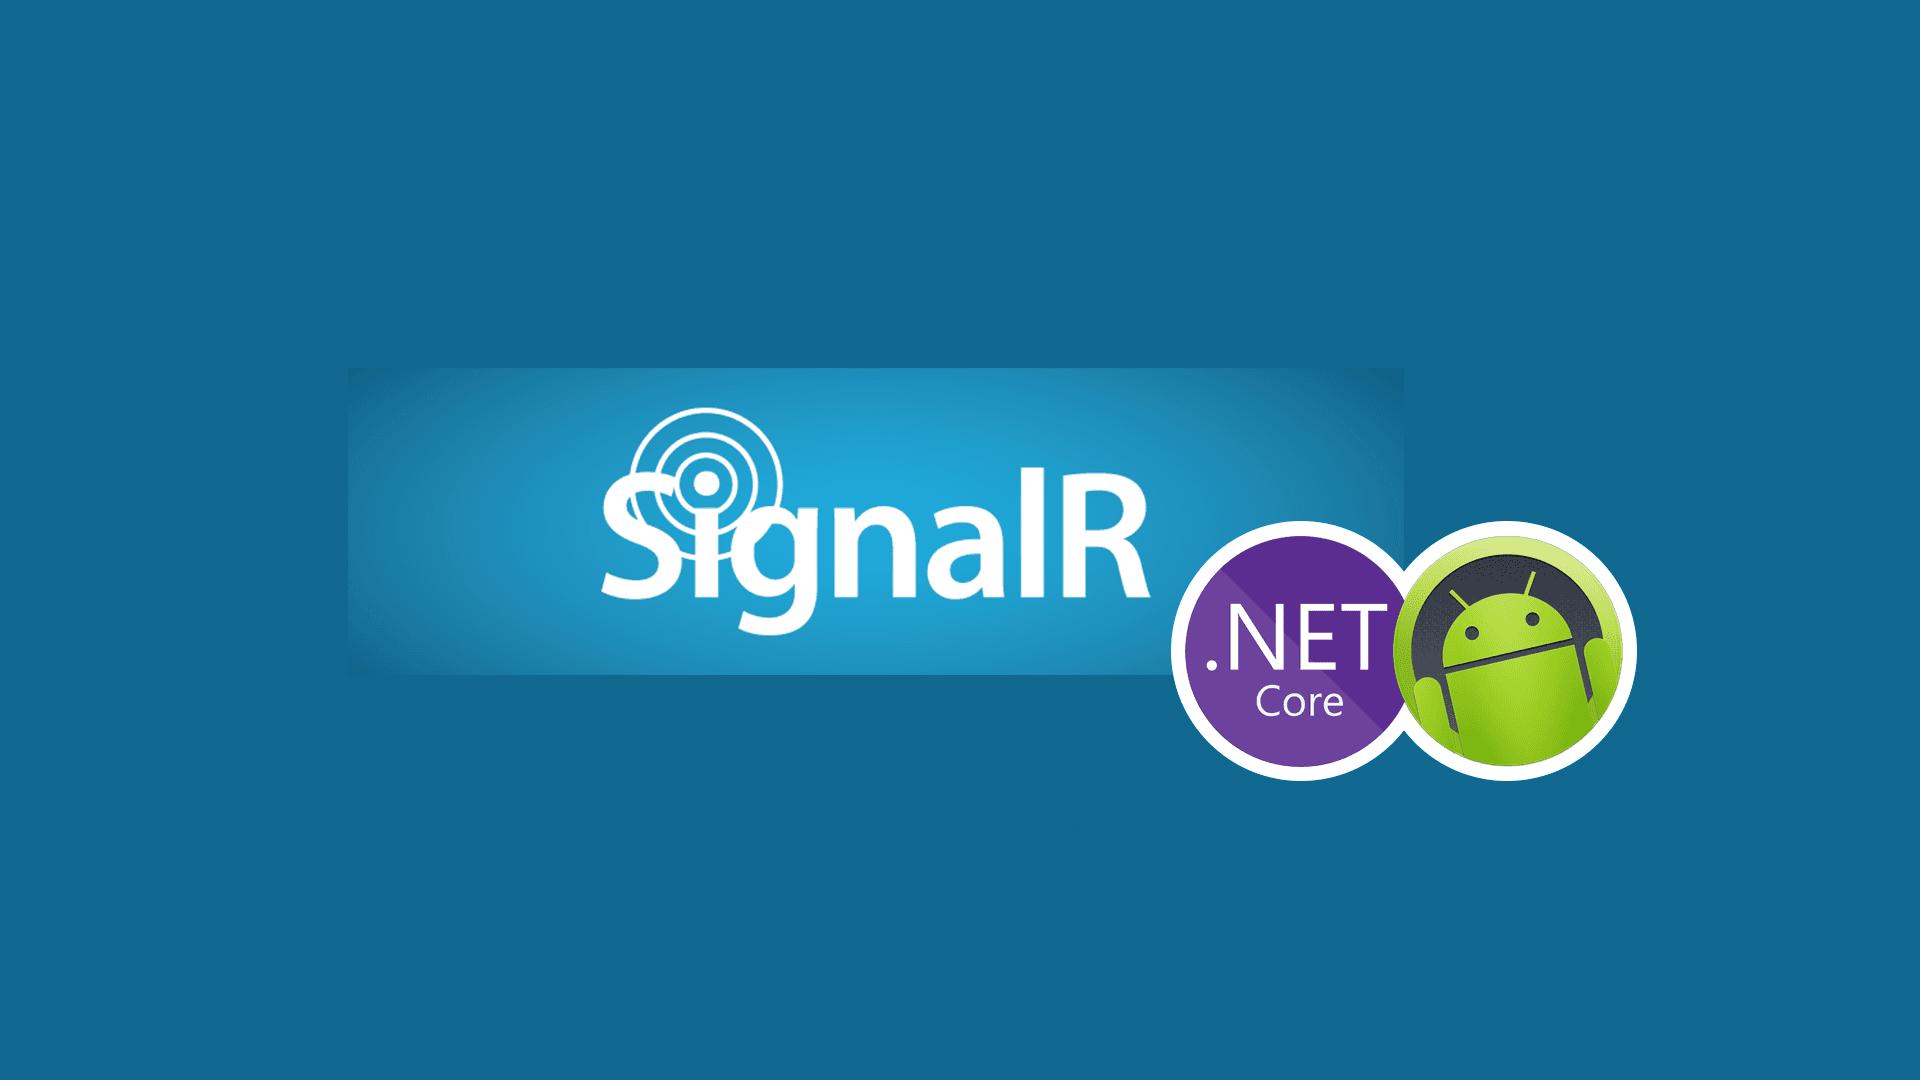 آموزش سیگنال آر در Asp.Net Core و اندروید بصورت پروژه محور